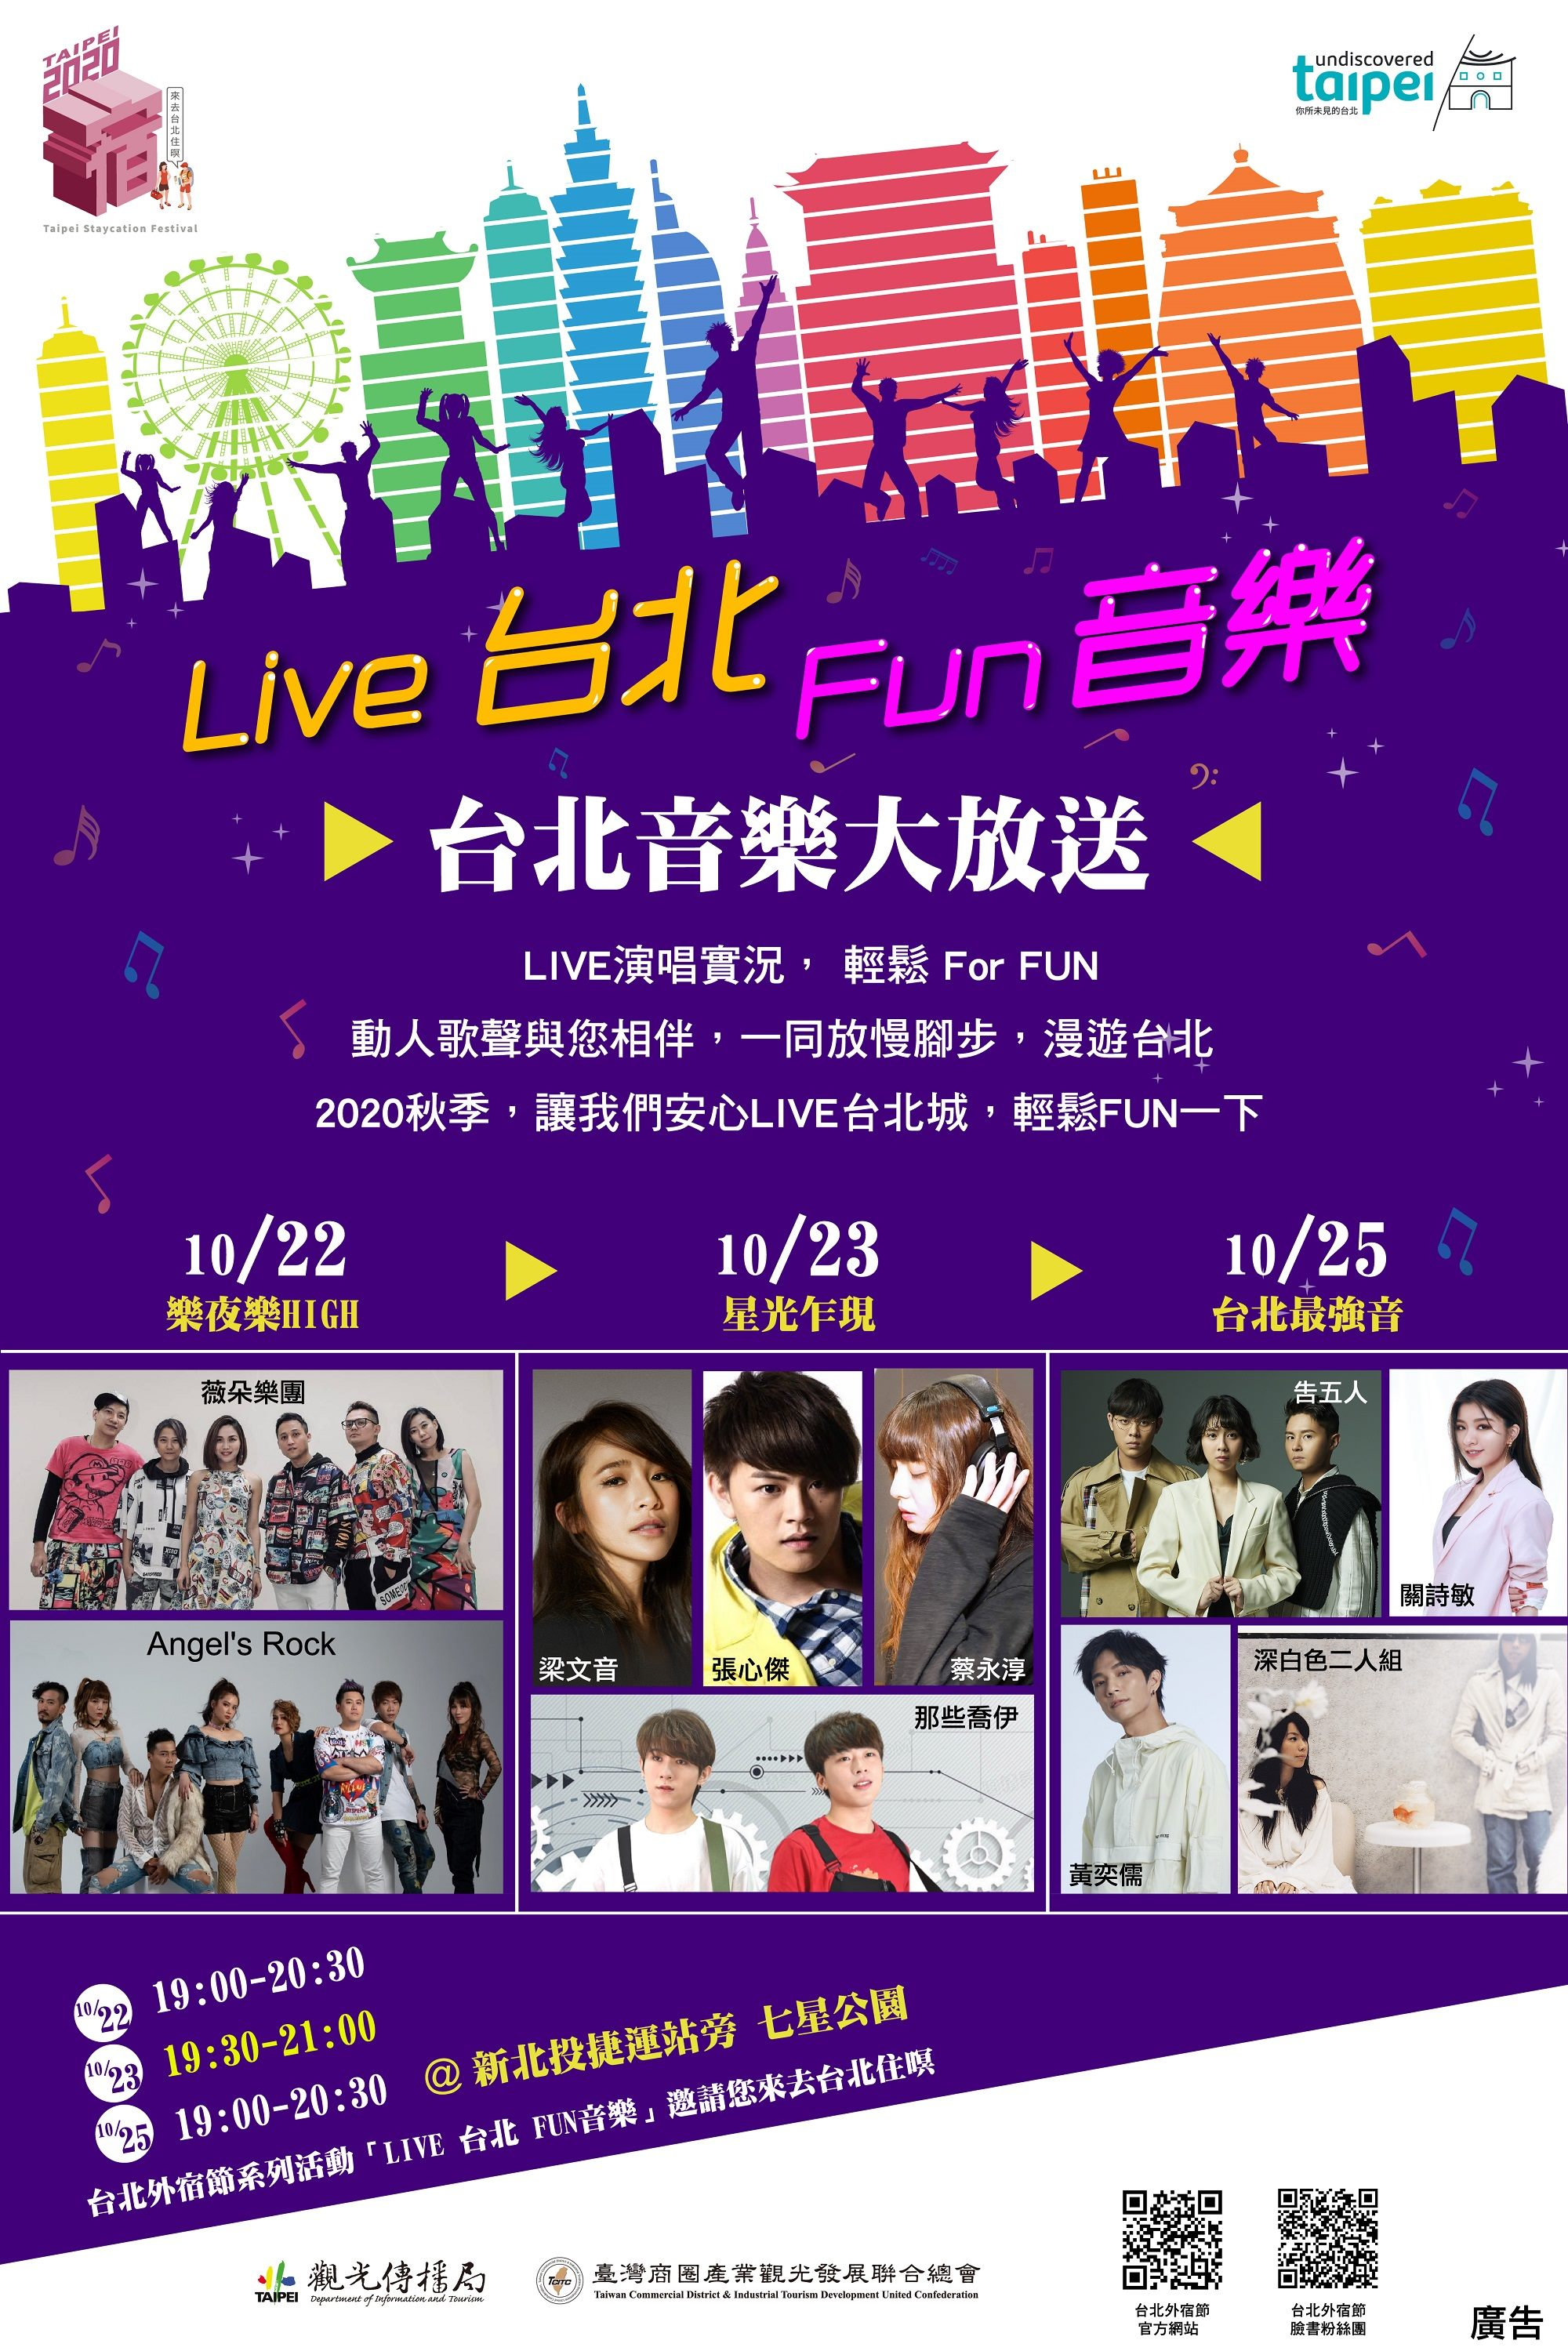 「台北外宿節-Live台北Fun音樂」將於10/22、23、25三天晚上在新北投捷運站旁七星公園熱鬧開唱。